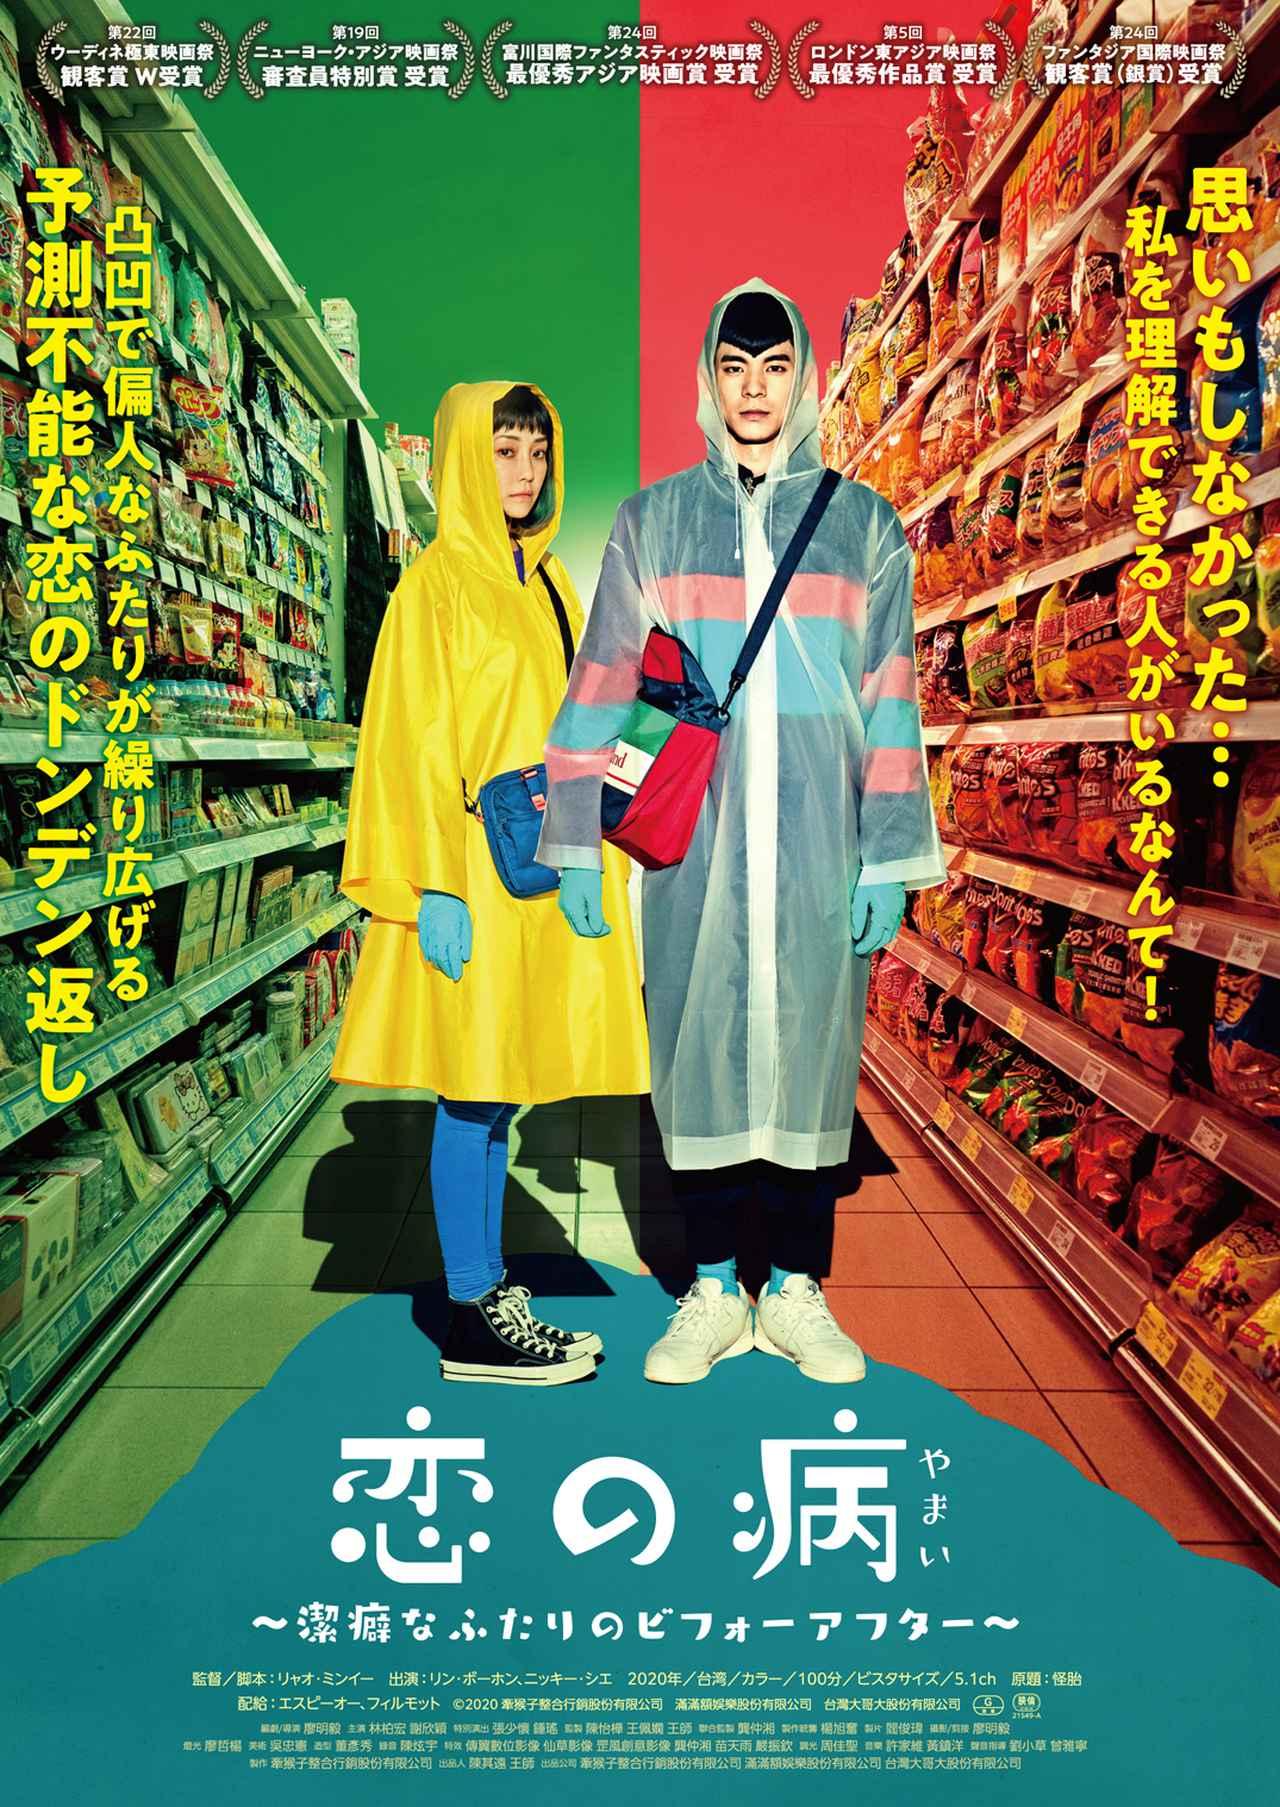 画像: リャオ・ミンイー監督デビュー作『恋の病 〜潔癖なふたりのビフォーアフター〜』が8月20日より公開